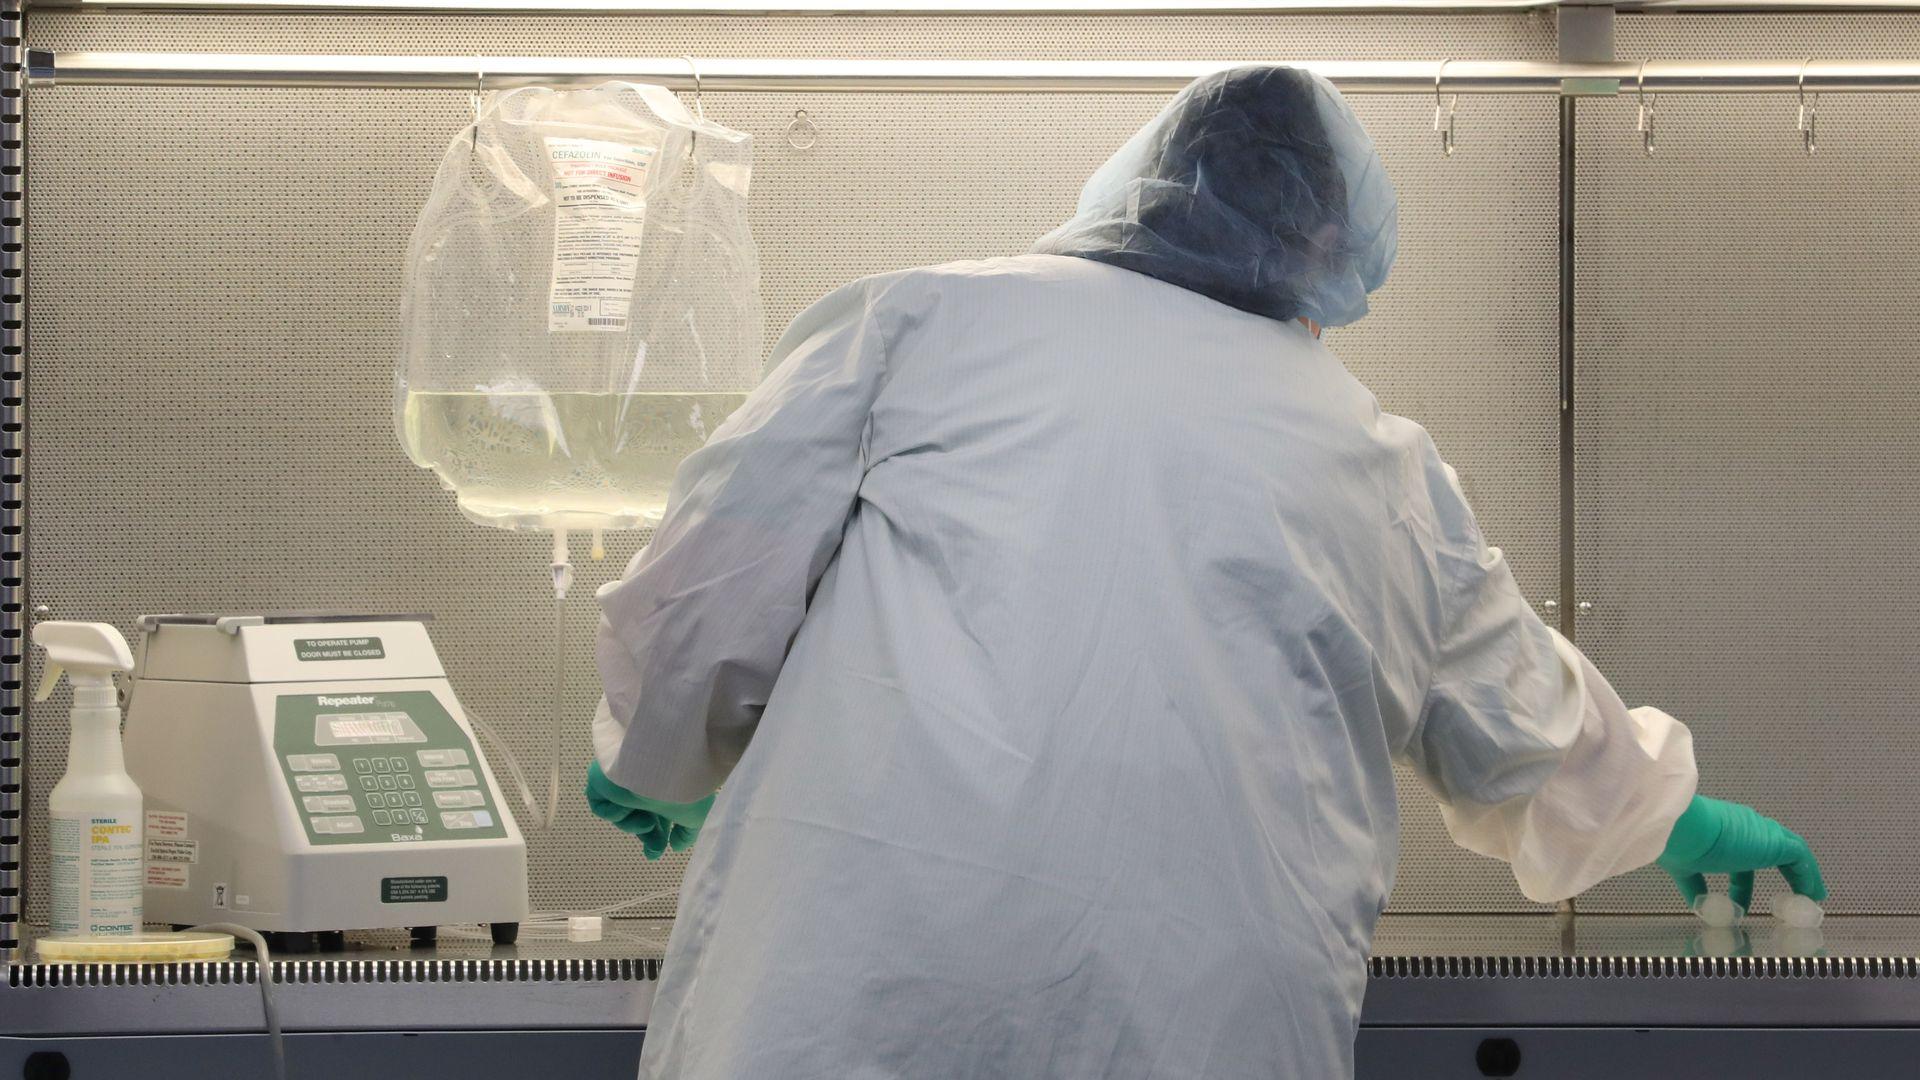 A pharmacy technician prepares an IV bag.